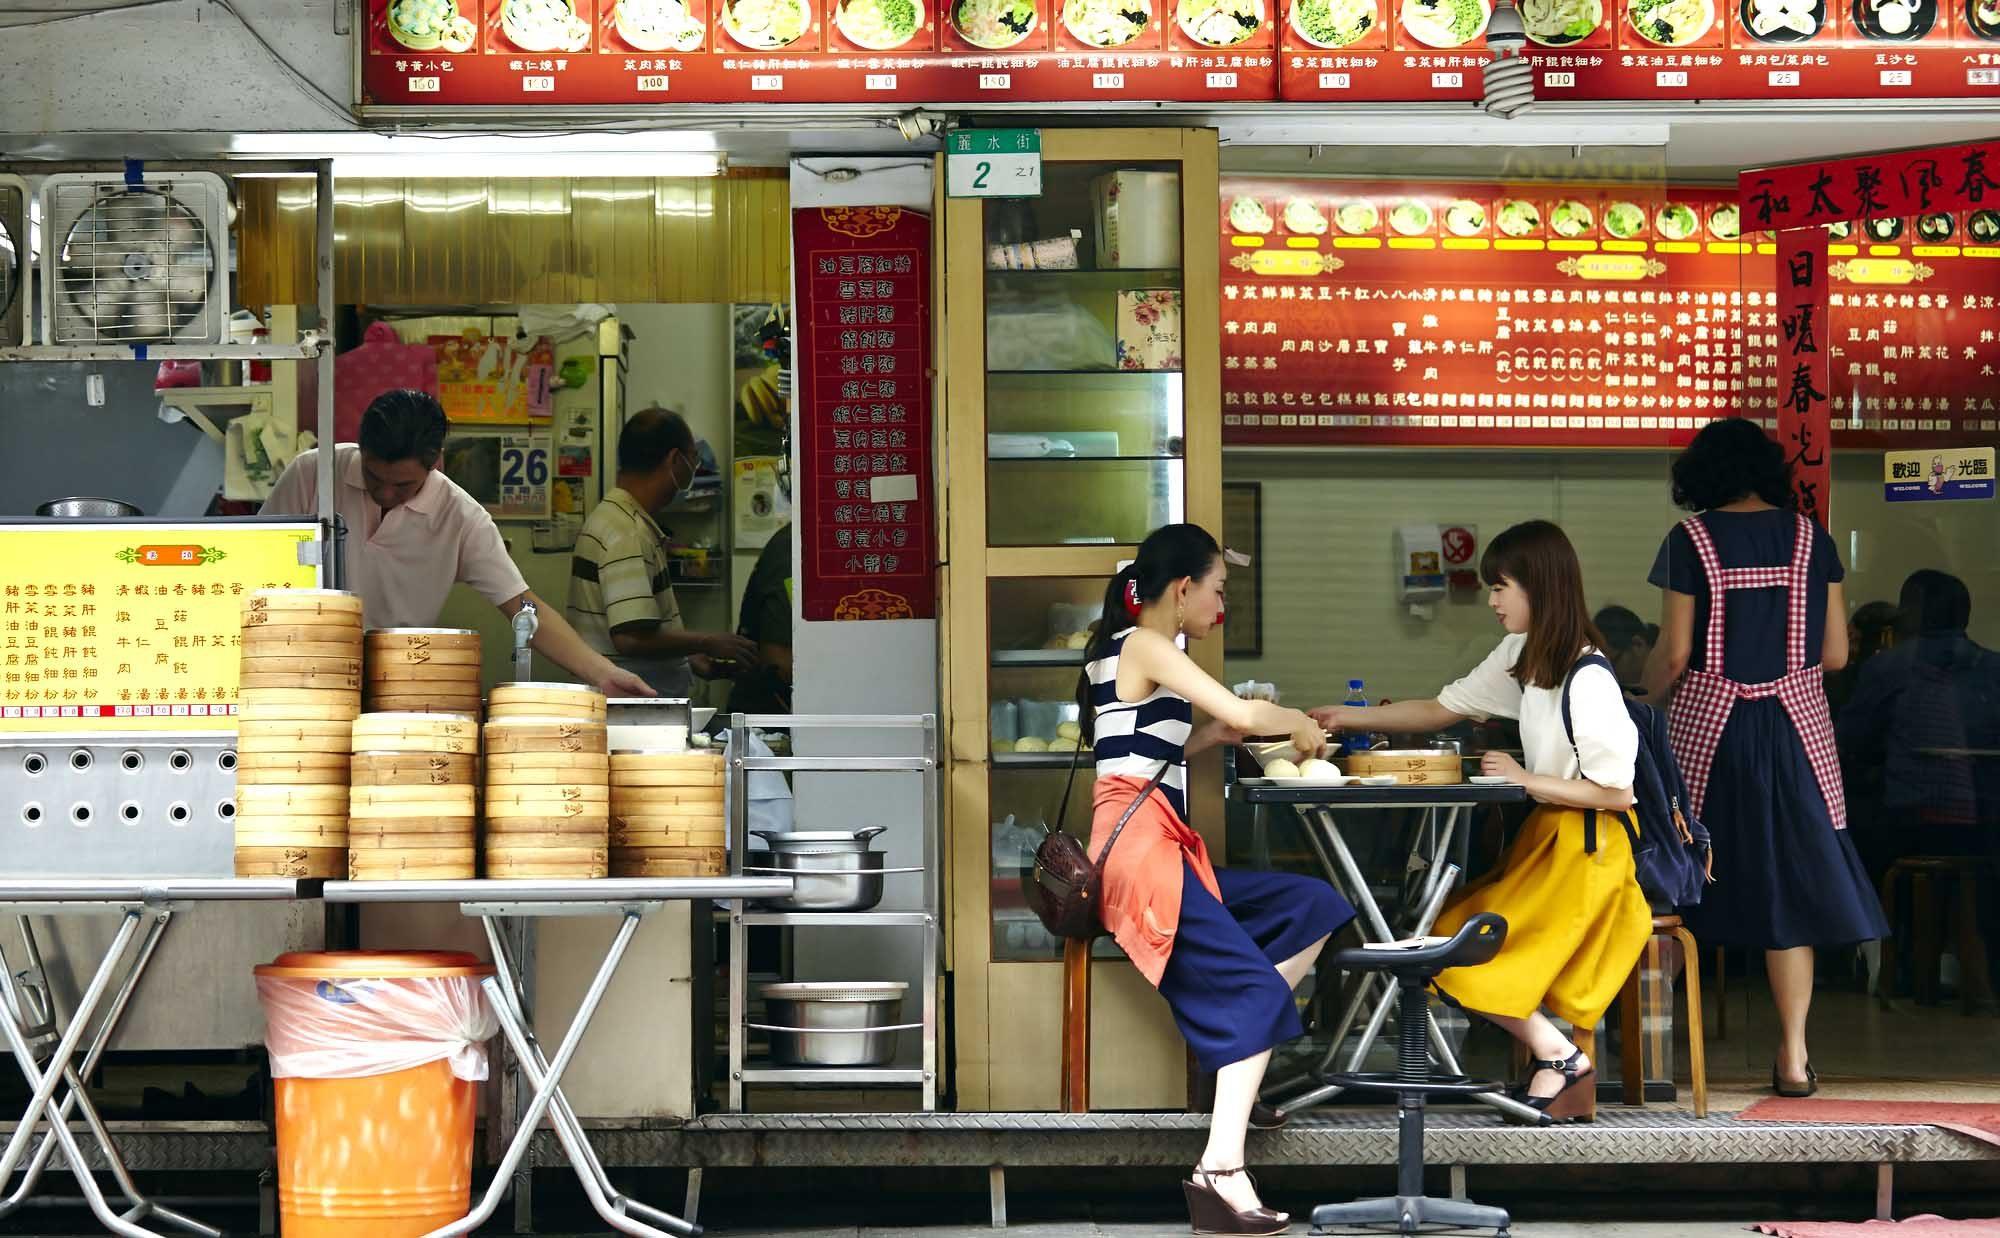 作りやすい本場の台湾料理レシピ! 台湾気分をおうちで楽しもう